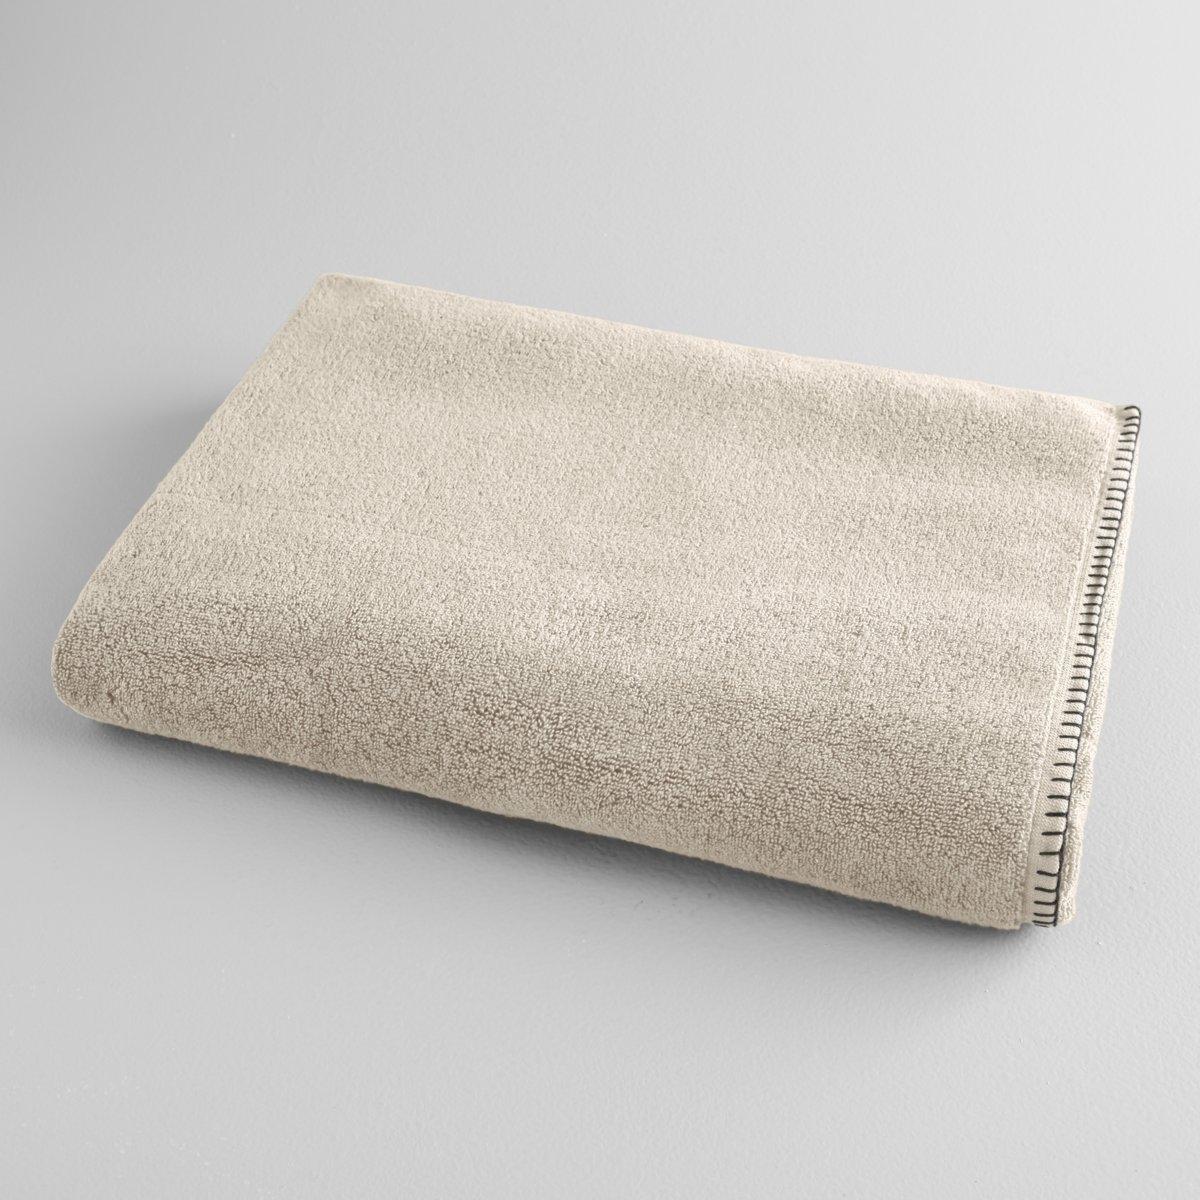 Полотенце большое банное Kyla от La Redoute